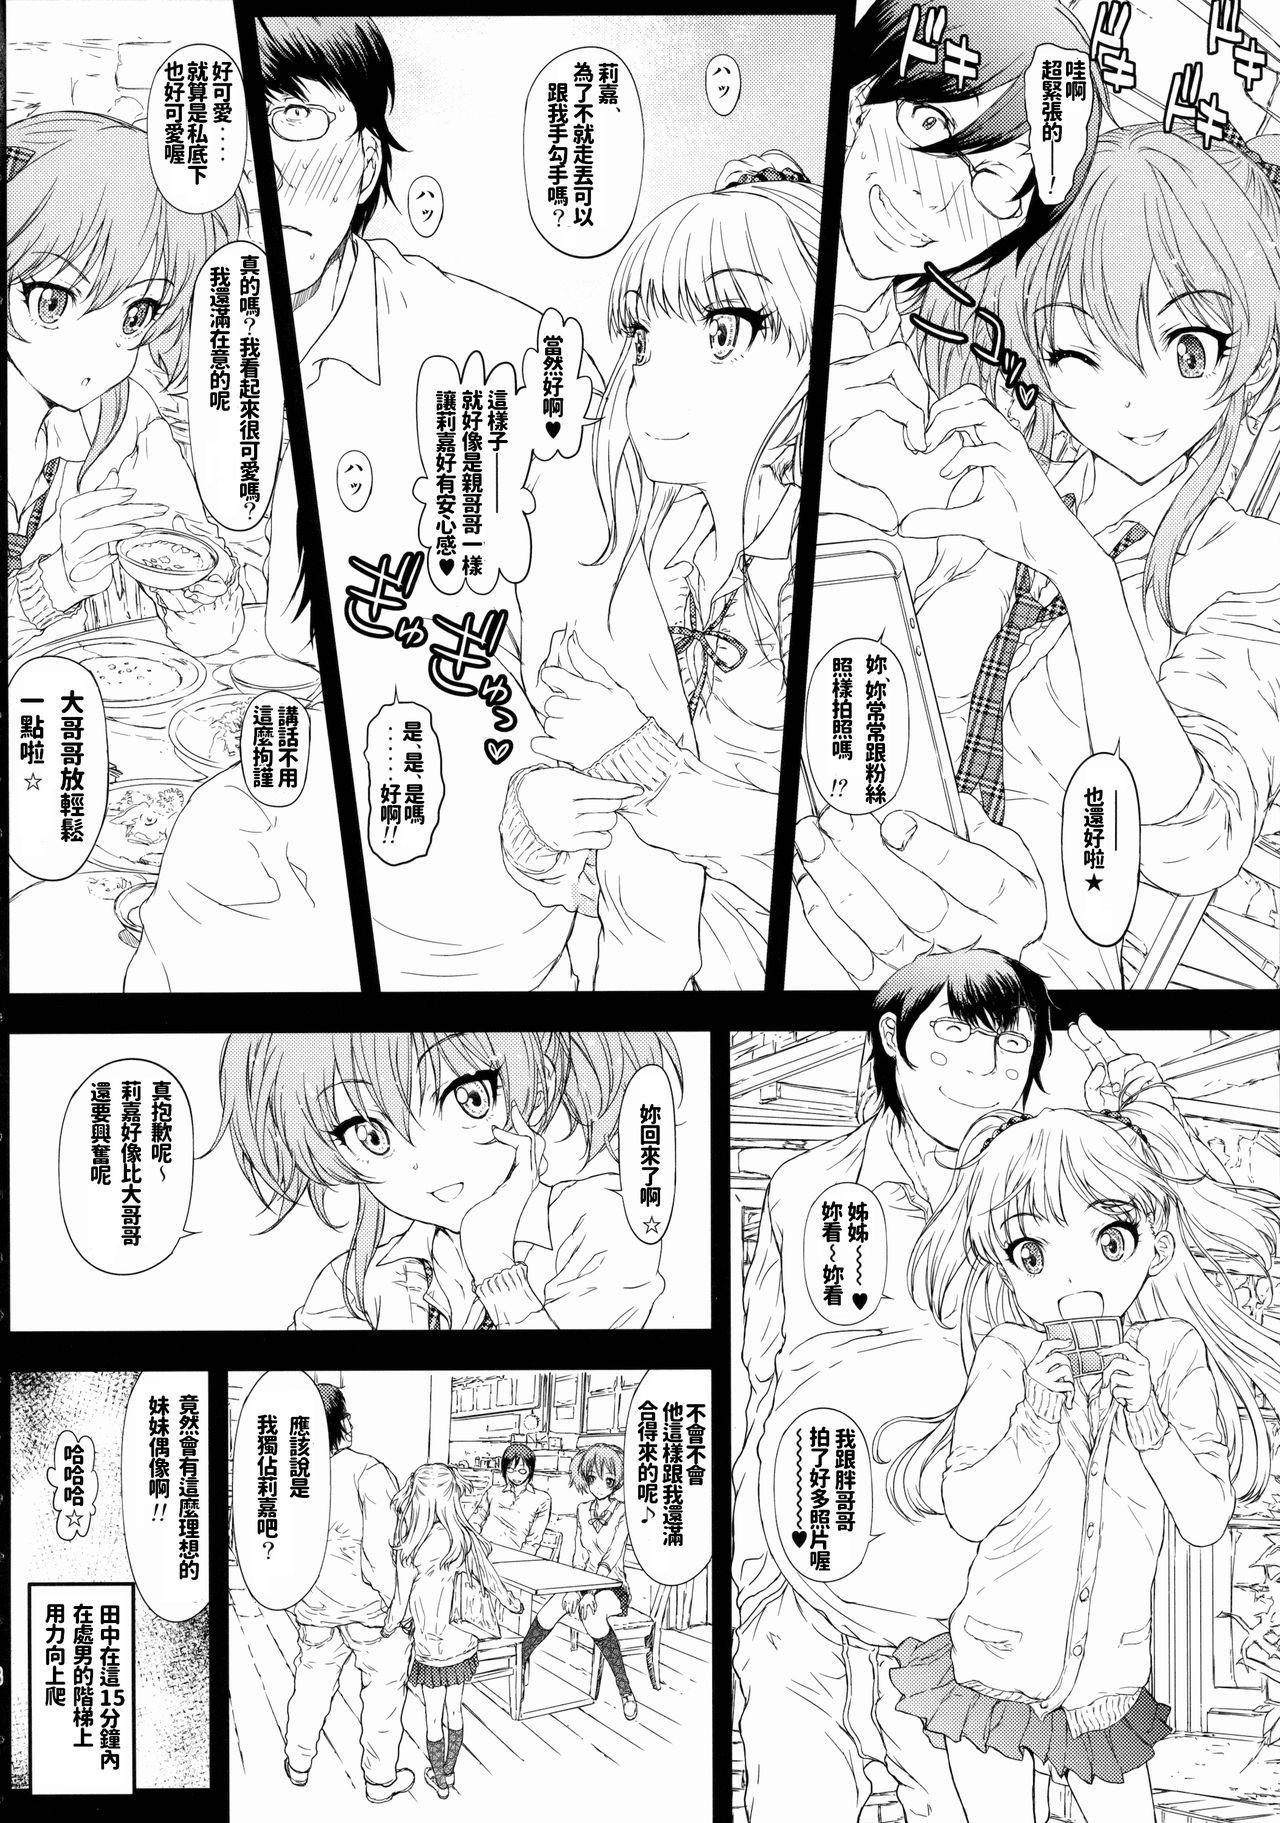 Uchira no Donna Tokoro ni Doki Doki Suru? 6